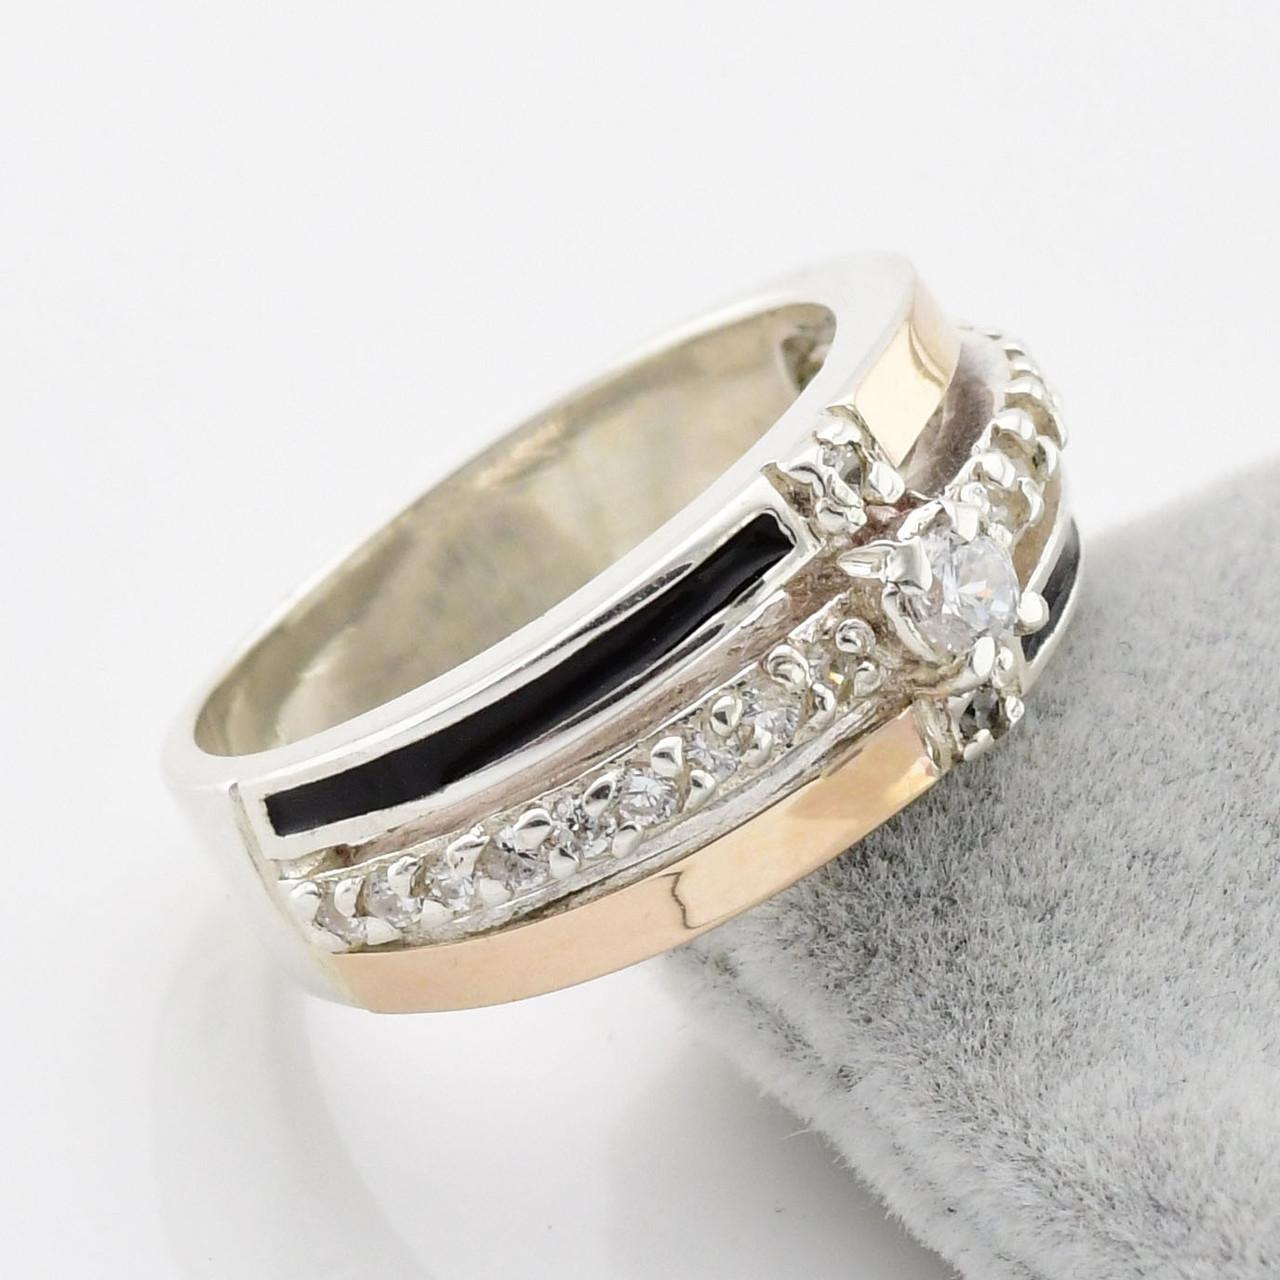 Серебряное кольцо с золотом Гармония вставка белые фианиты вес 6.0 г размер 21